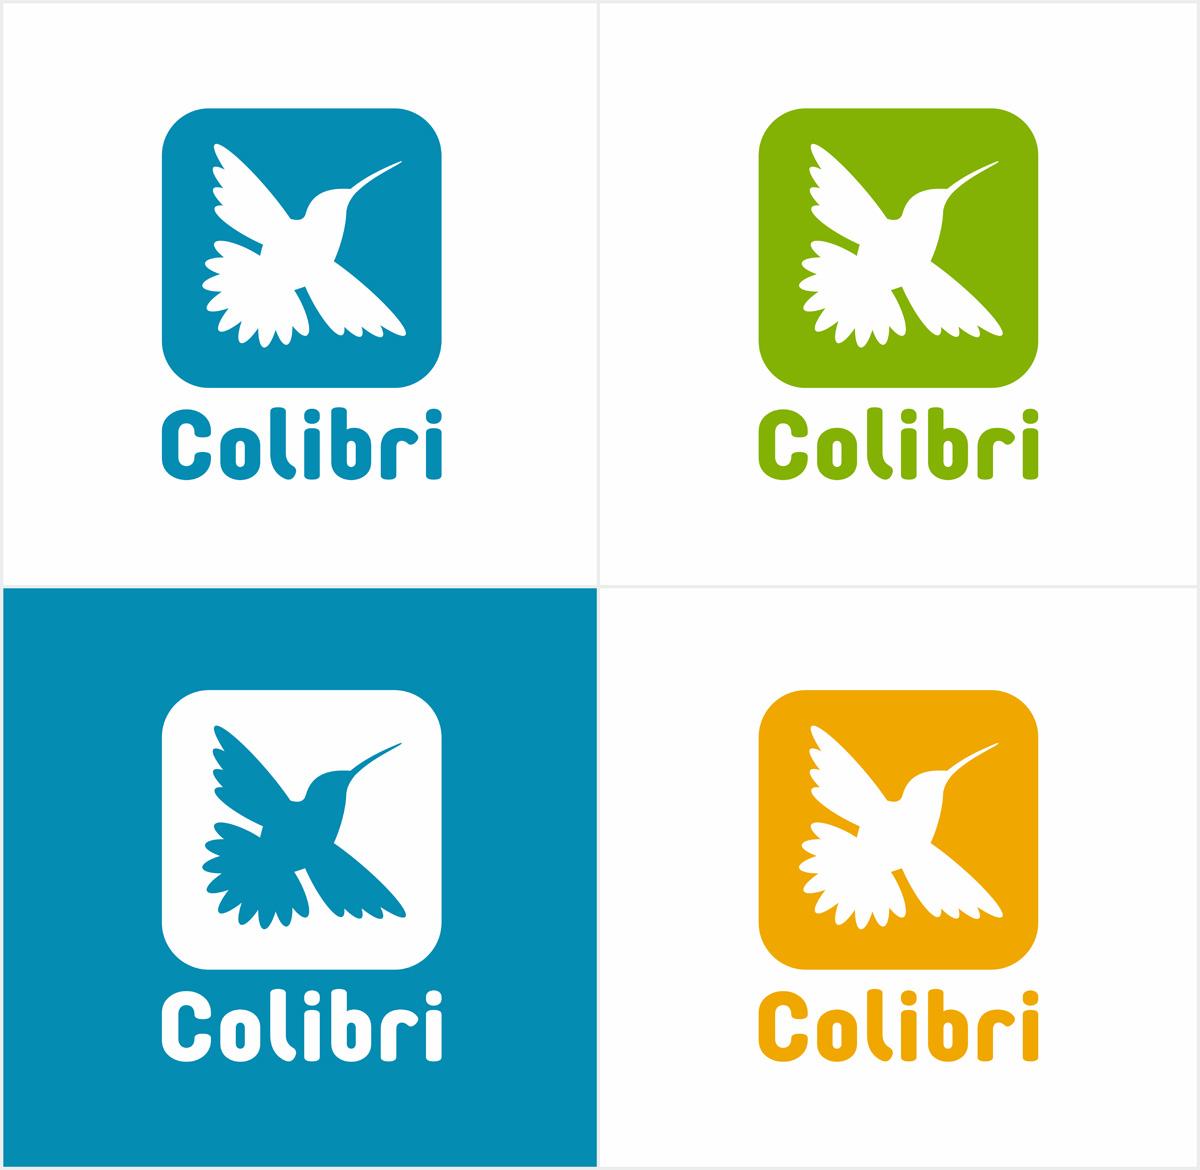 Дизайнер, разработка логотипа компании фото f_18755834089e33ac.jpg